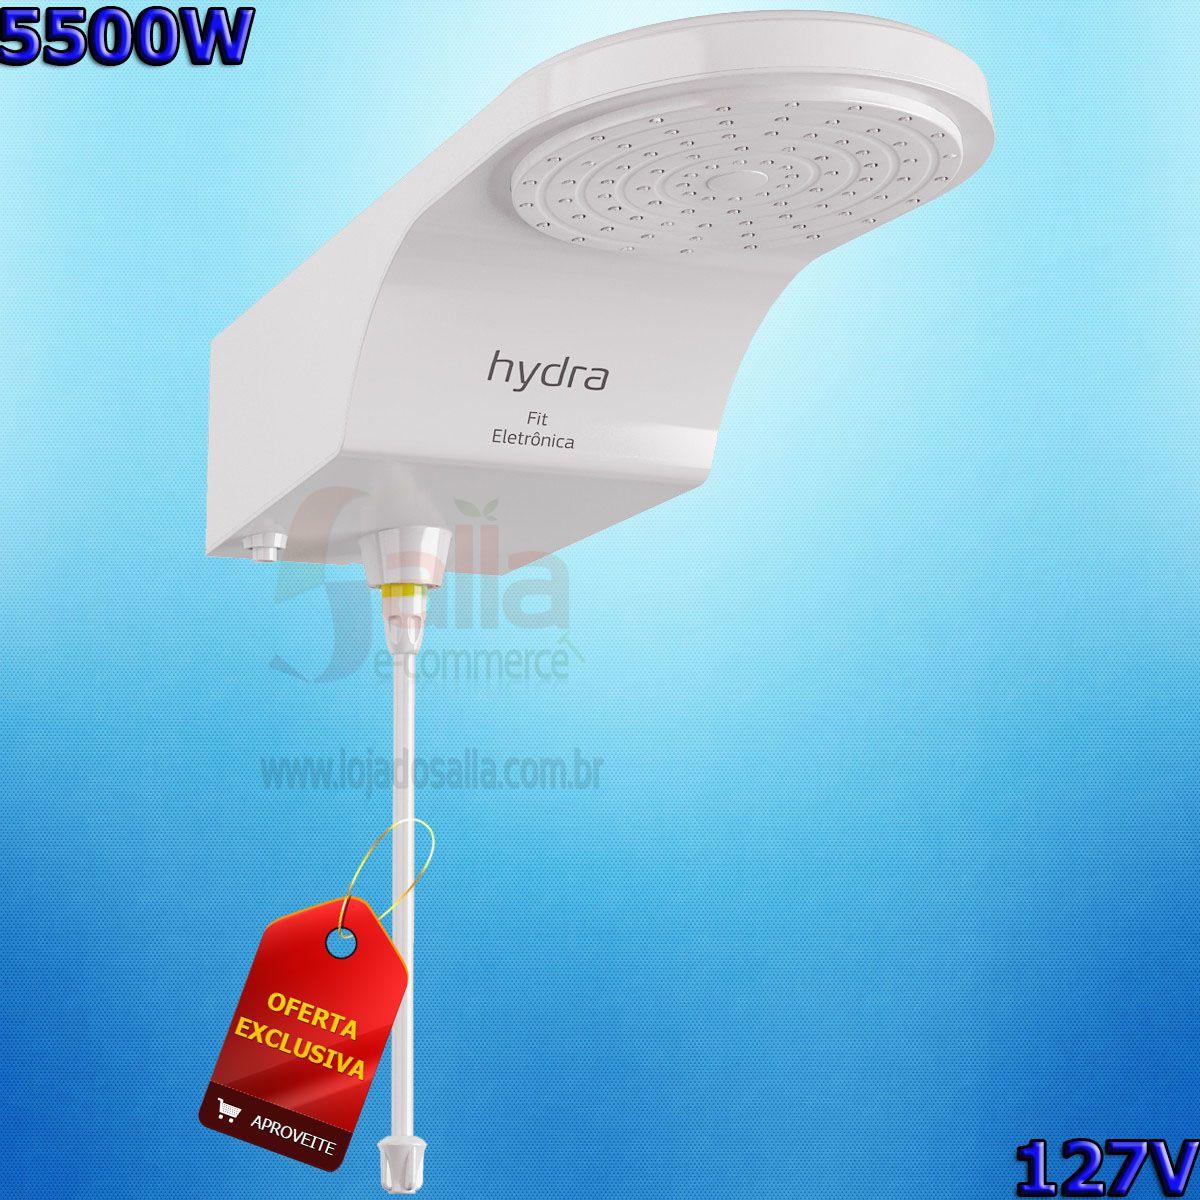 Ducha Eletrônica Fit 127v 5500w Hydra